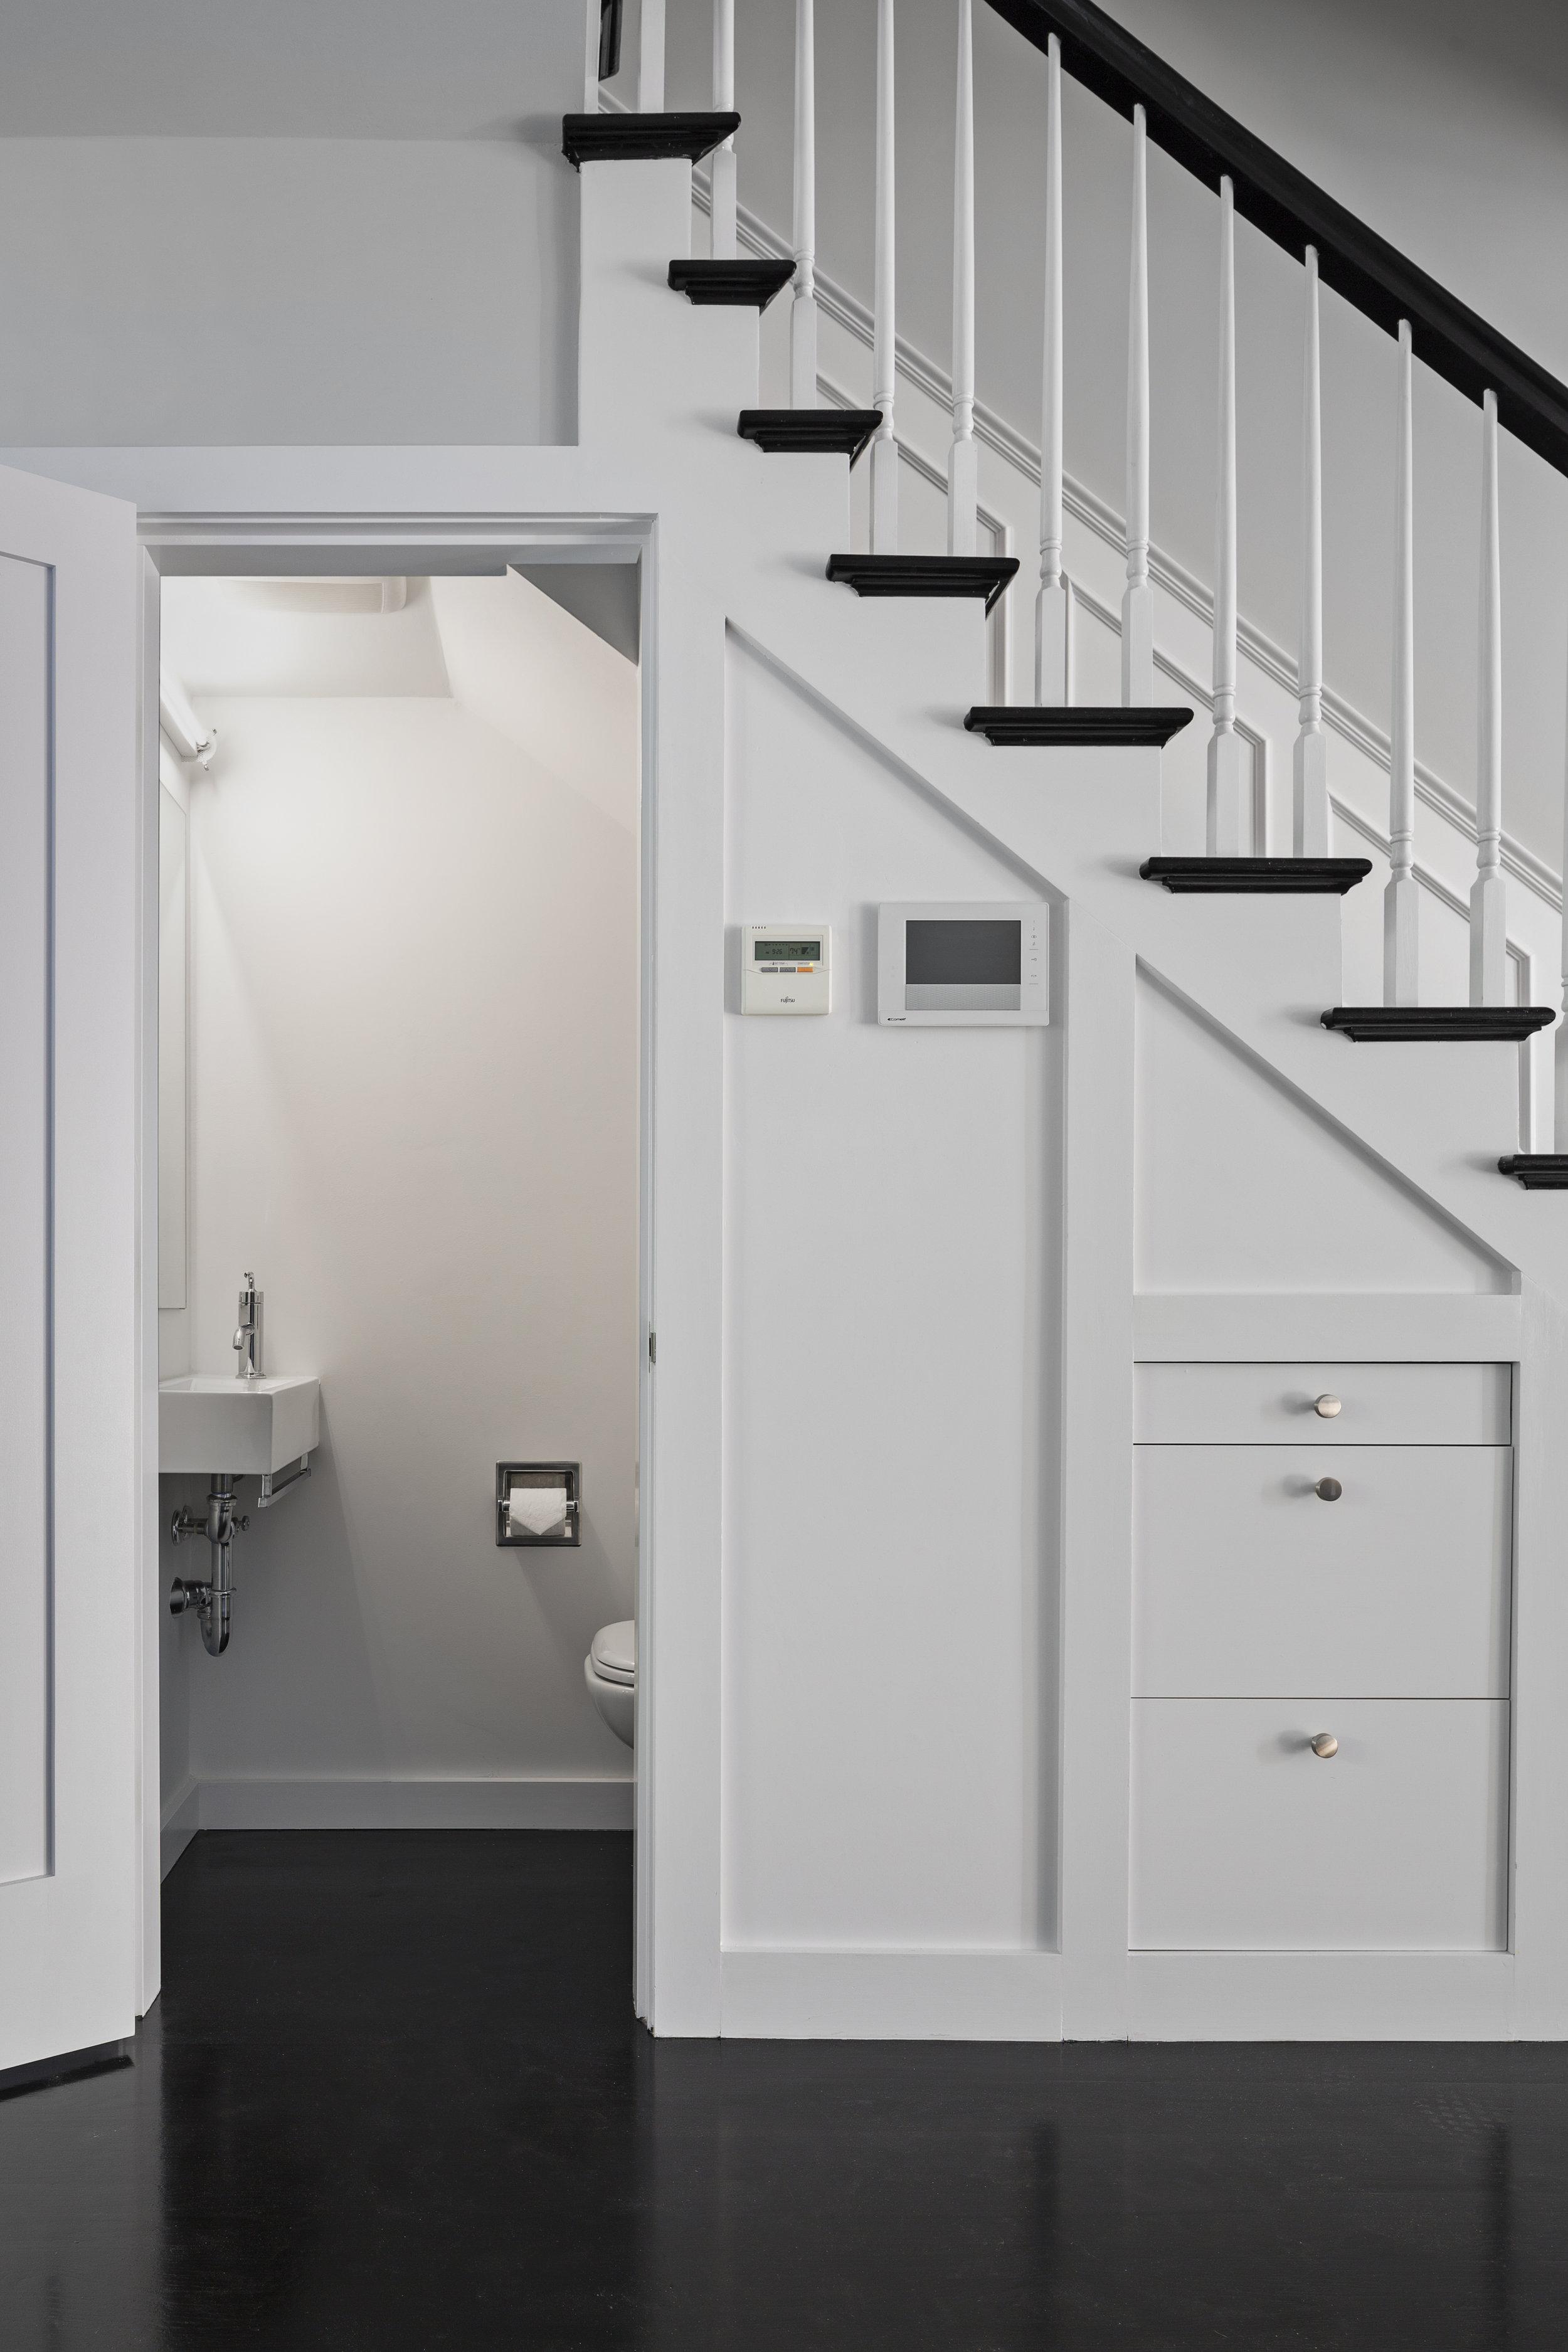 Bathroom Stair.jpg